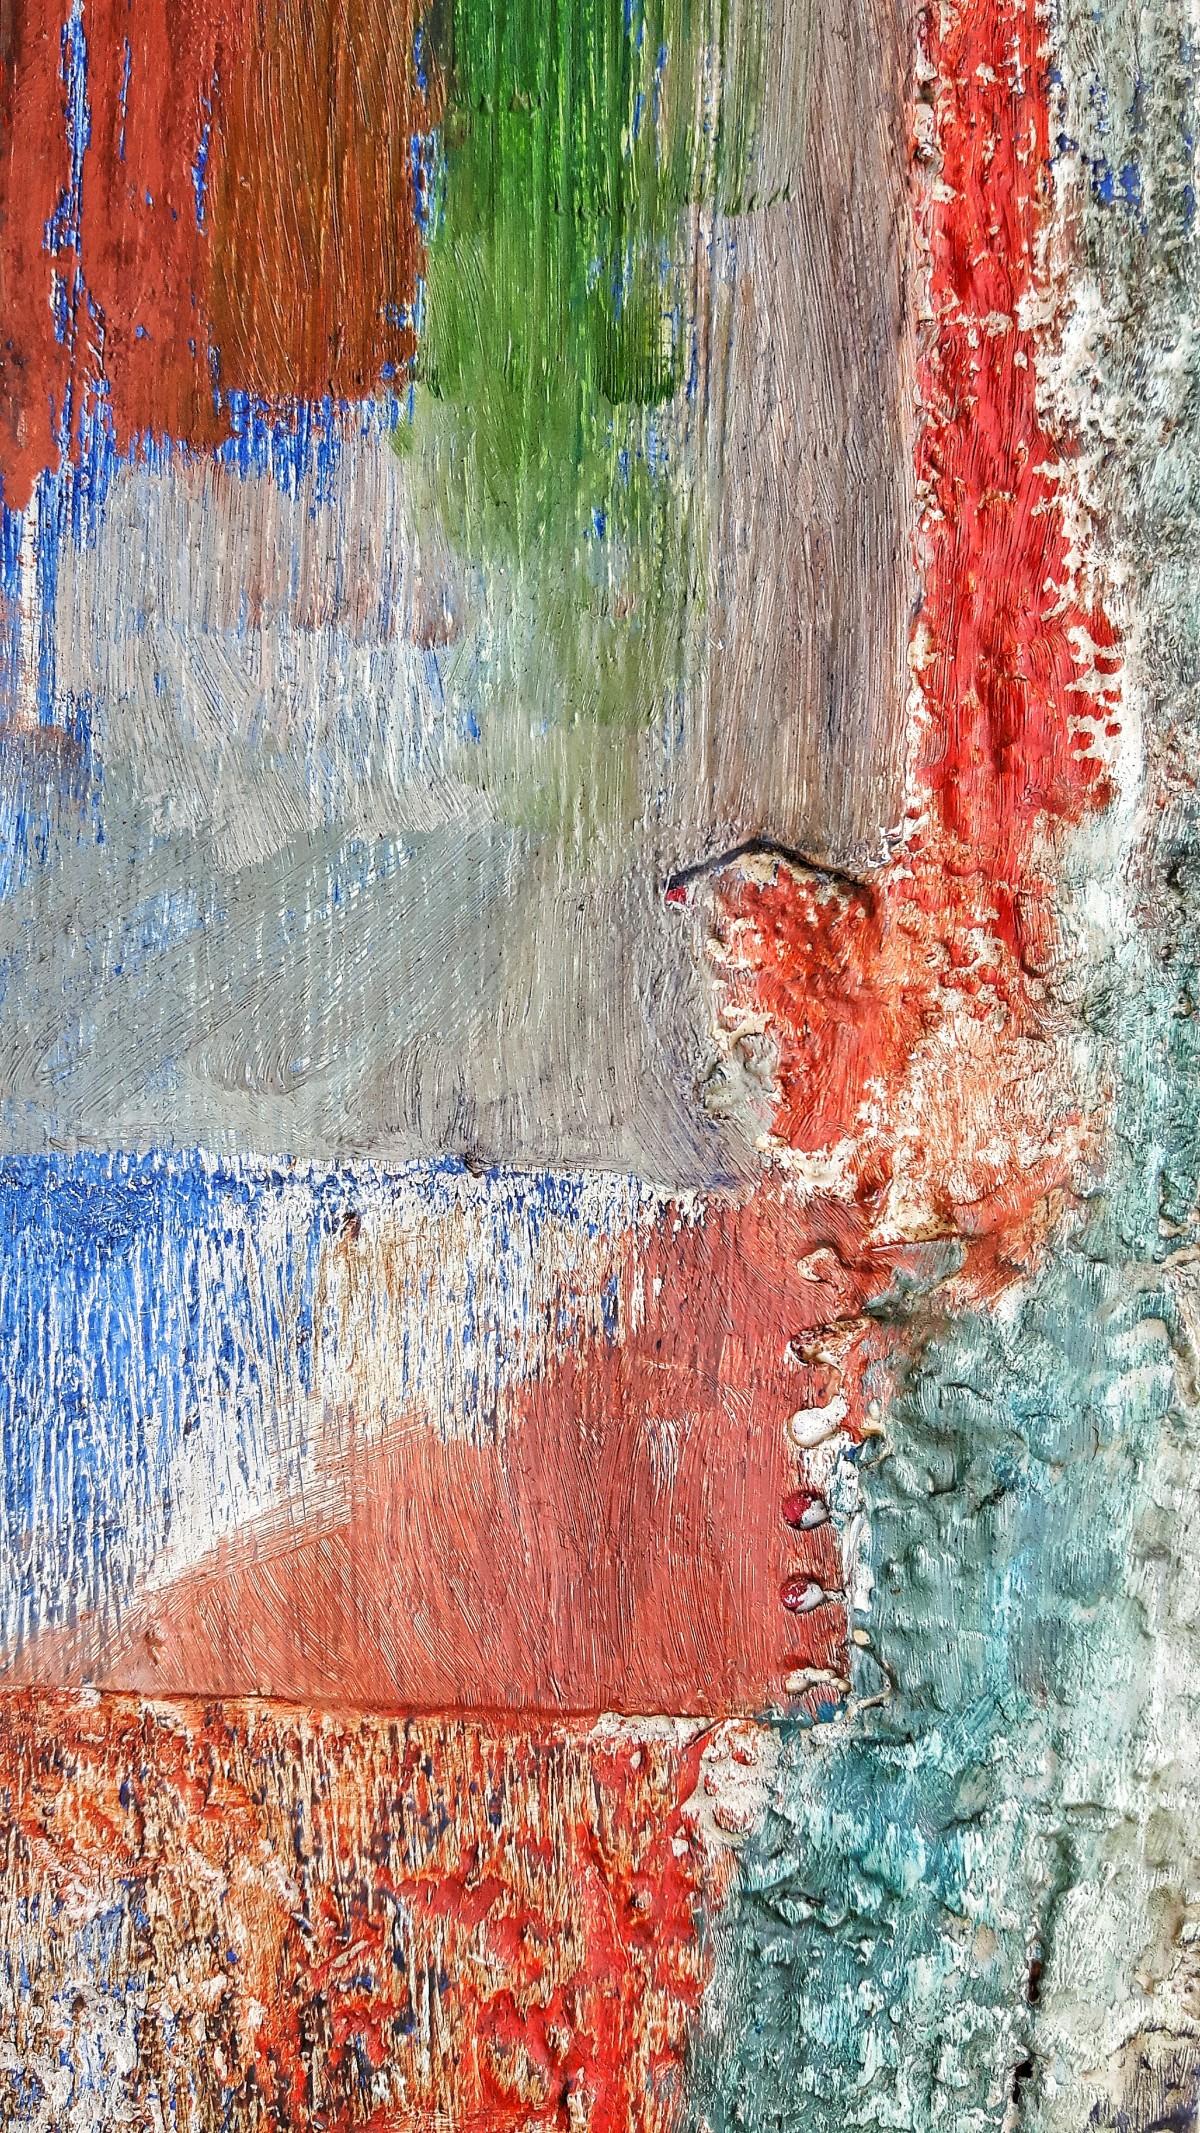 무료 이미지 : 조직, 녹색, 색깔, 갈라진 금, 거칠게, 자료, 그림 ...